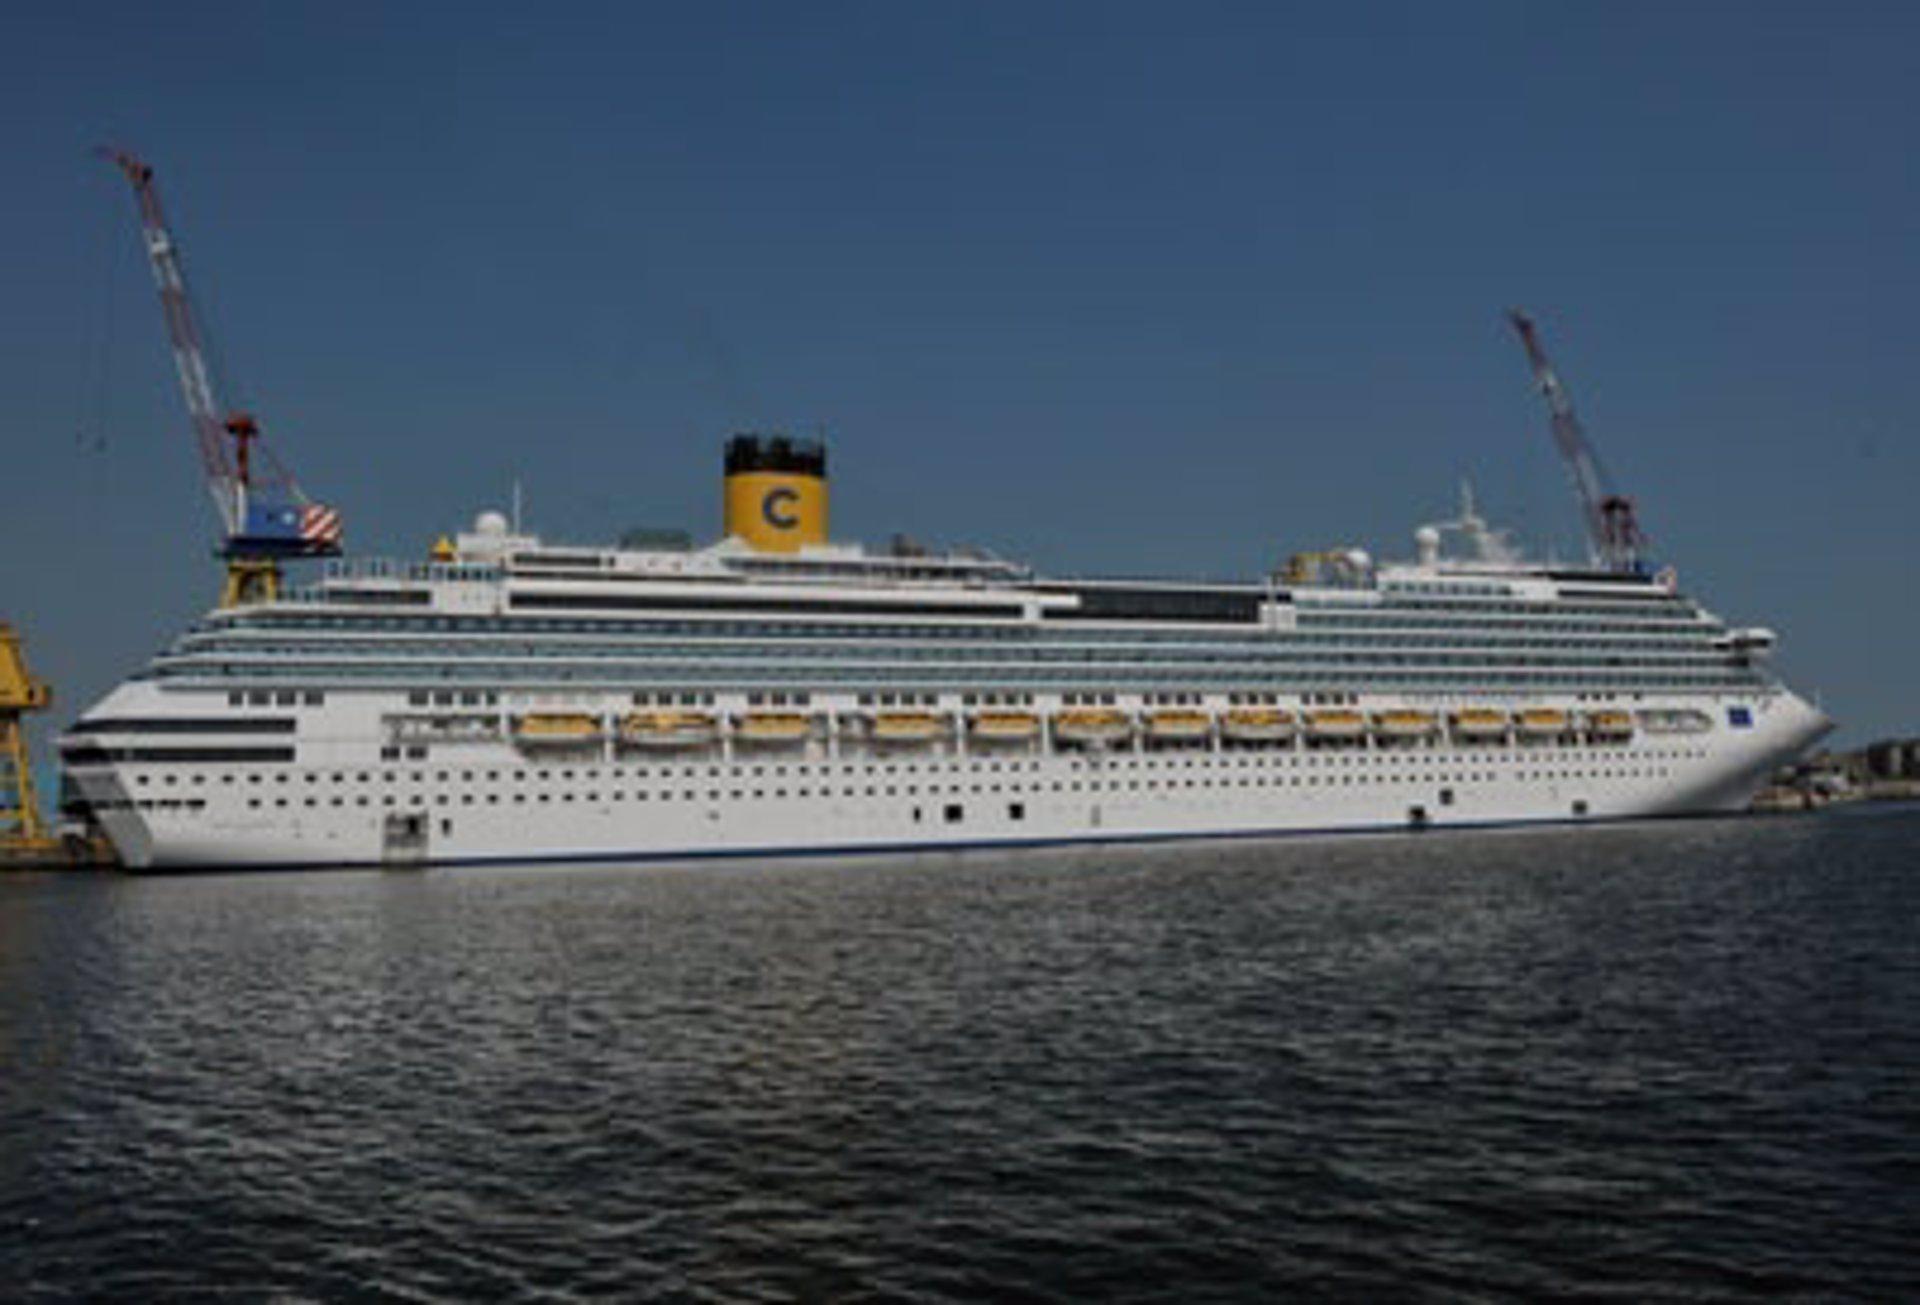 90a7ab1bb La naviera italiana Costa Crociere inaugura su decimoquinto barco, el Costa  Favolosa